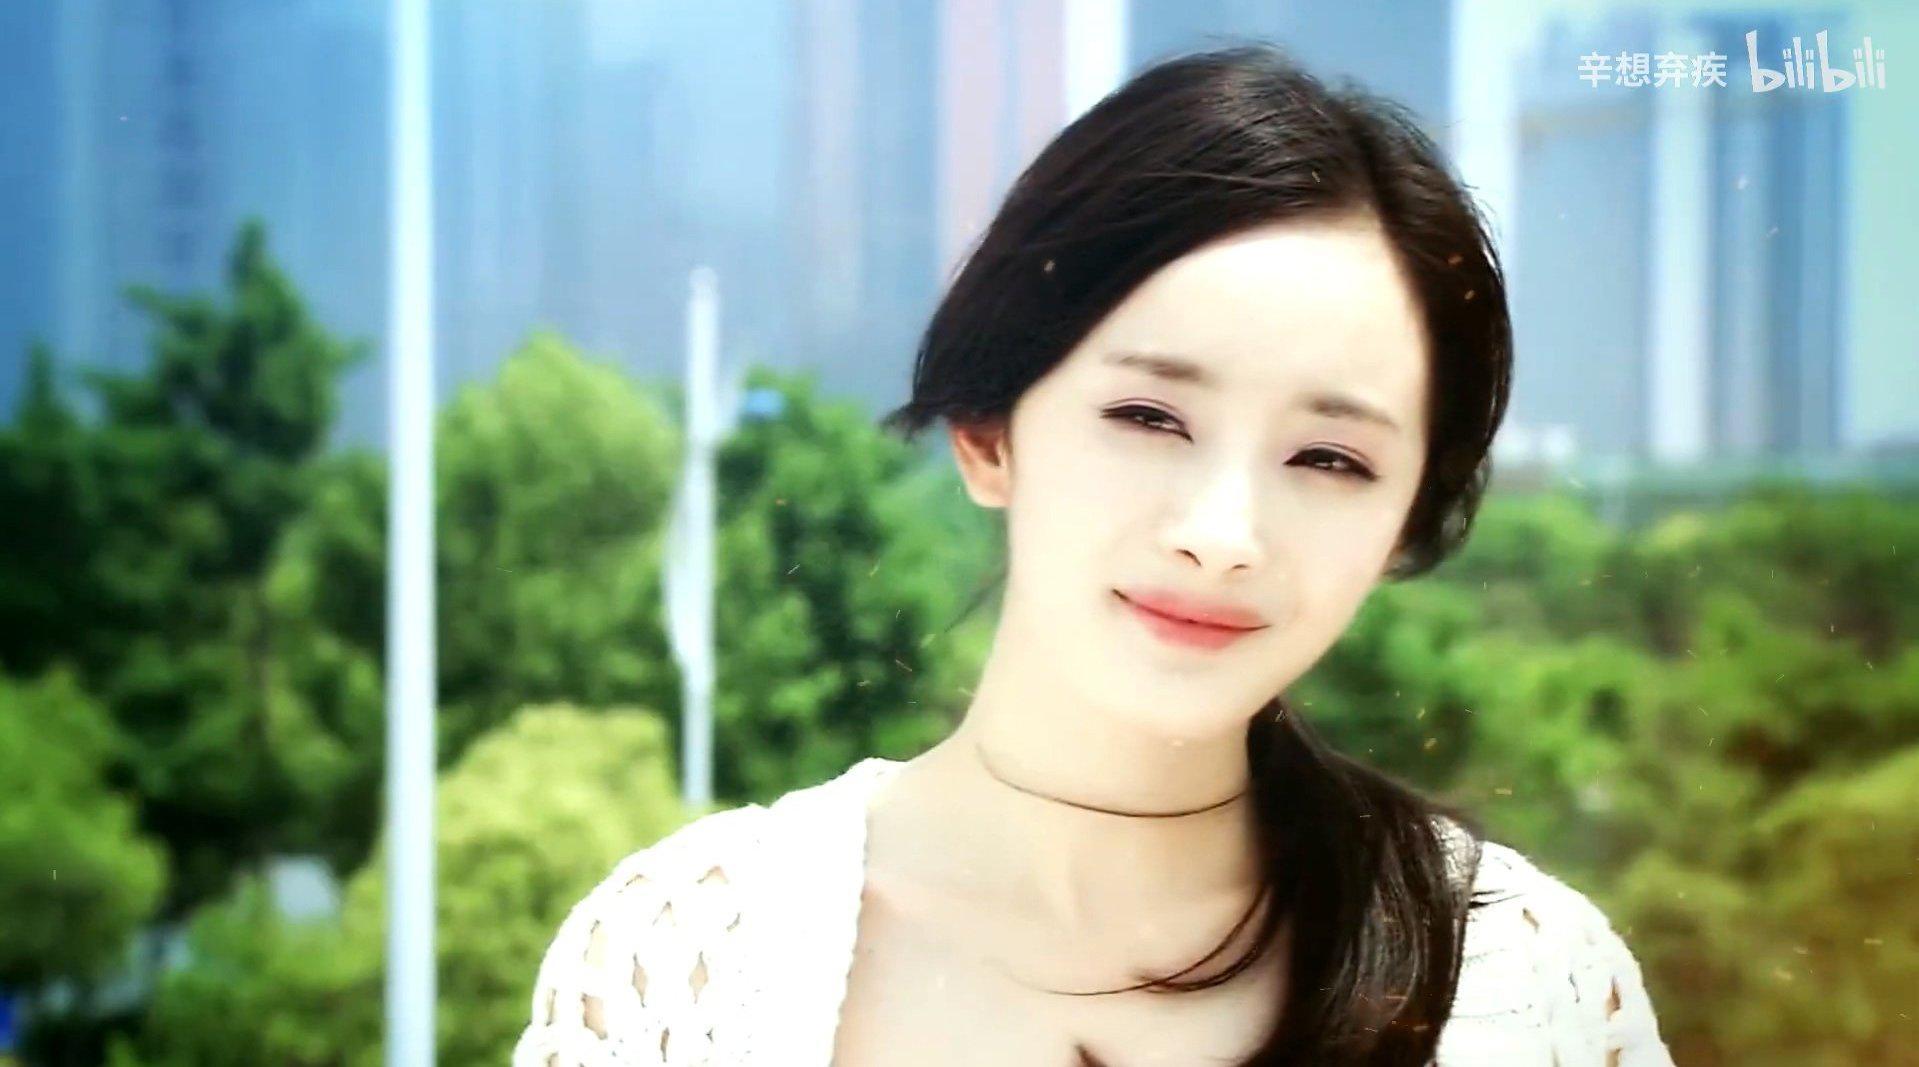 今天来推荐郝安琪学姐个人向 up主说是比林萧还能哭的学生妹小白